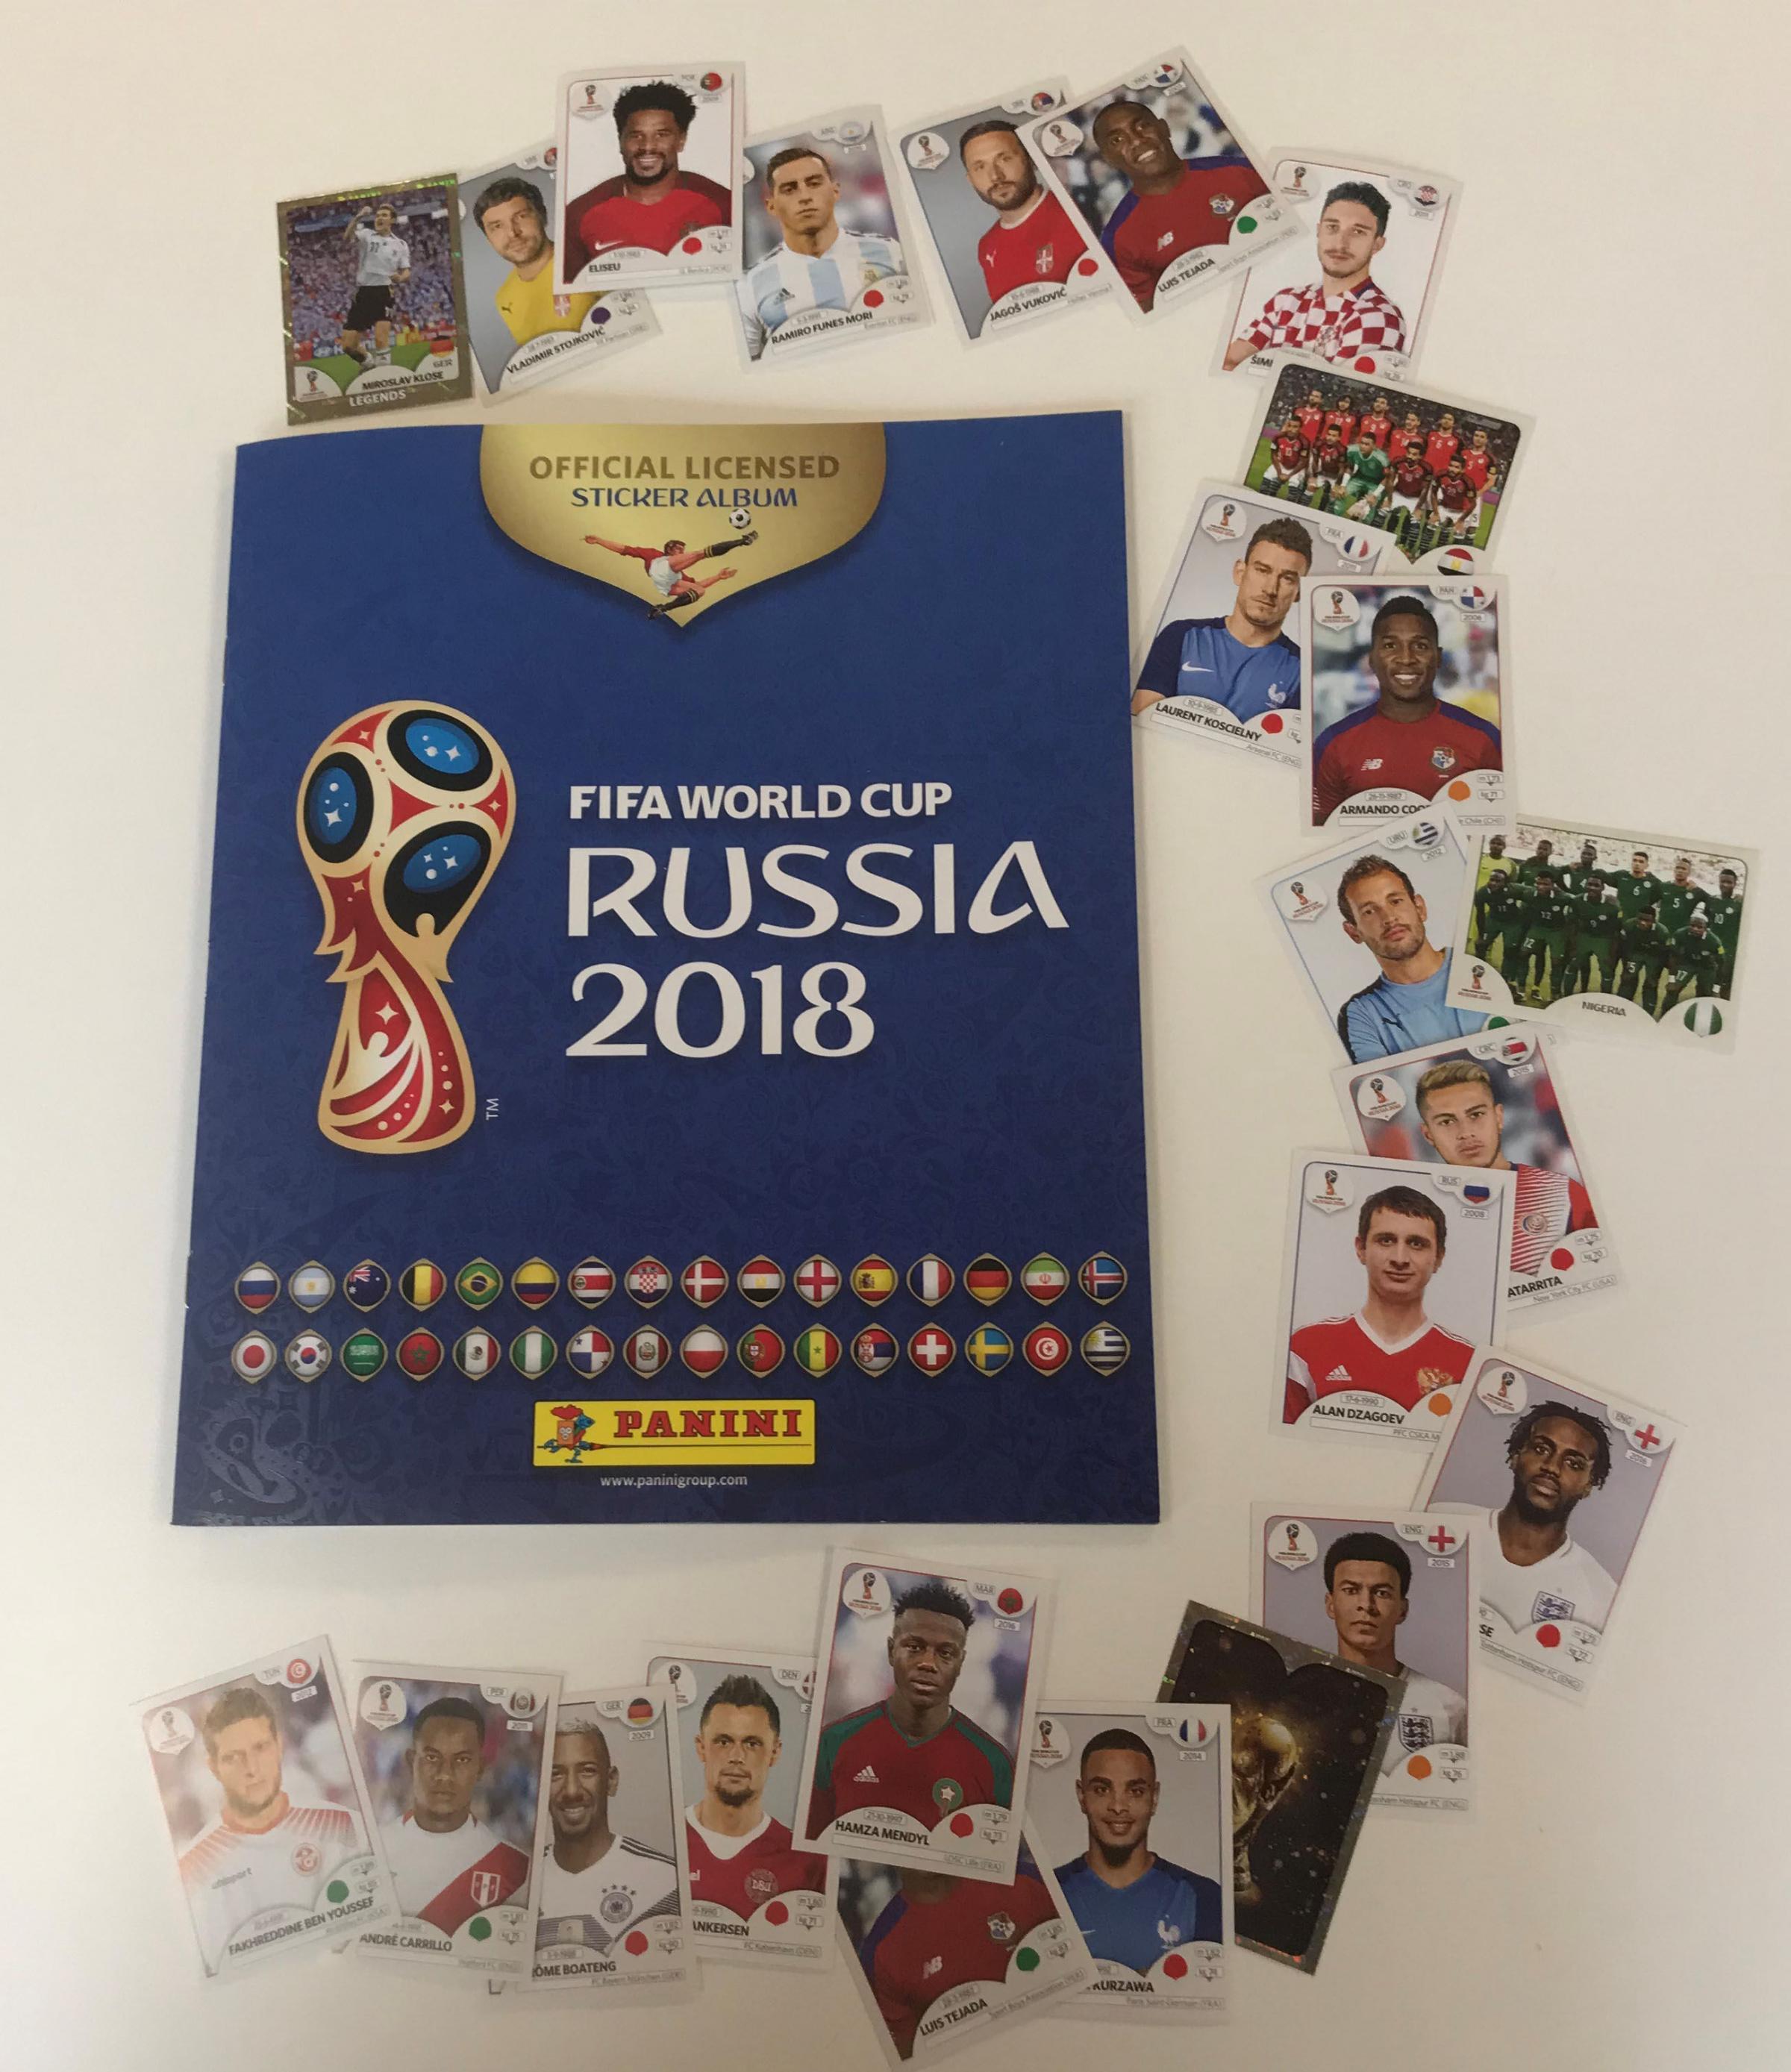 Paninis world cup 2018 sticker book photo cardiff universitys school of mathematics pa